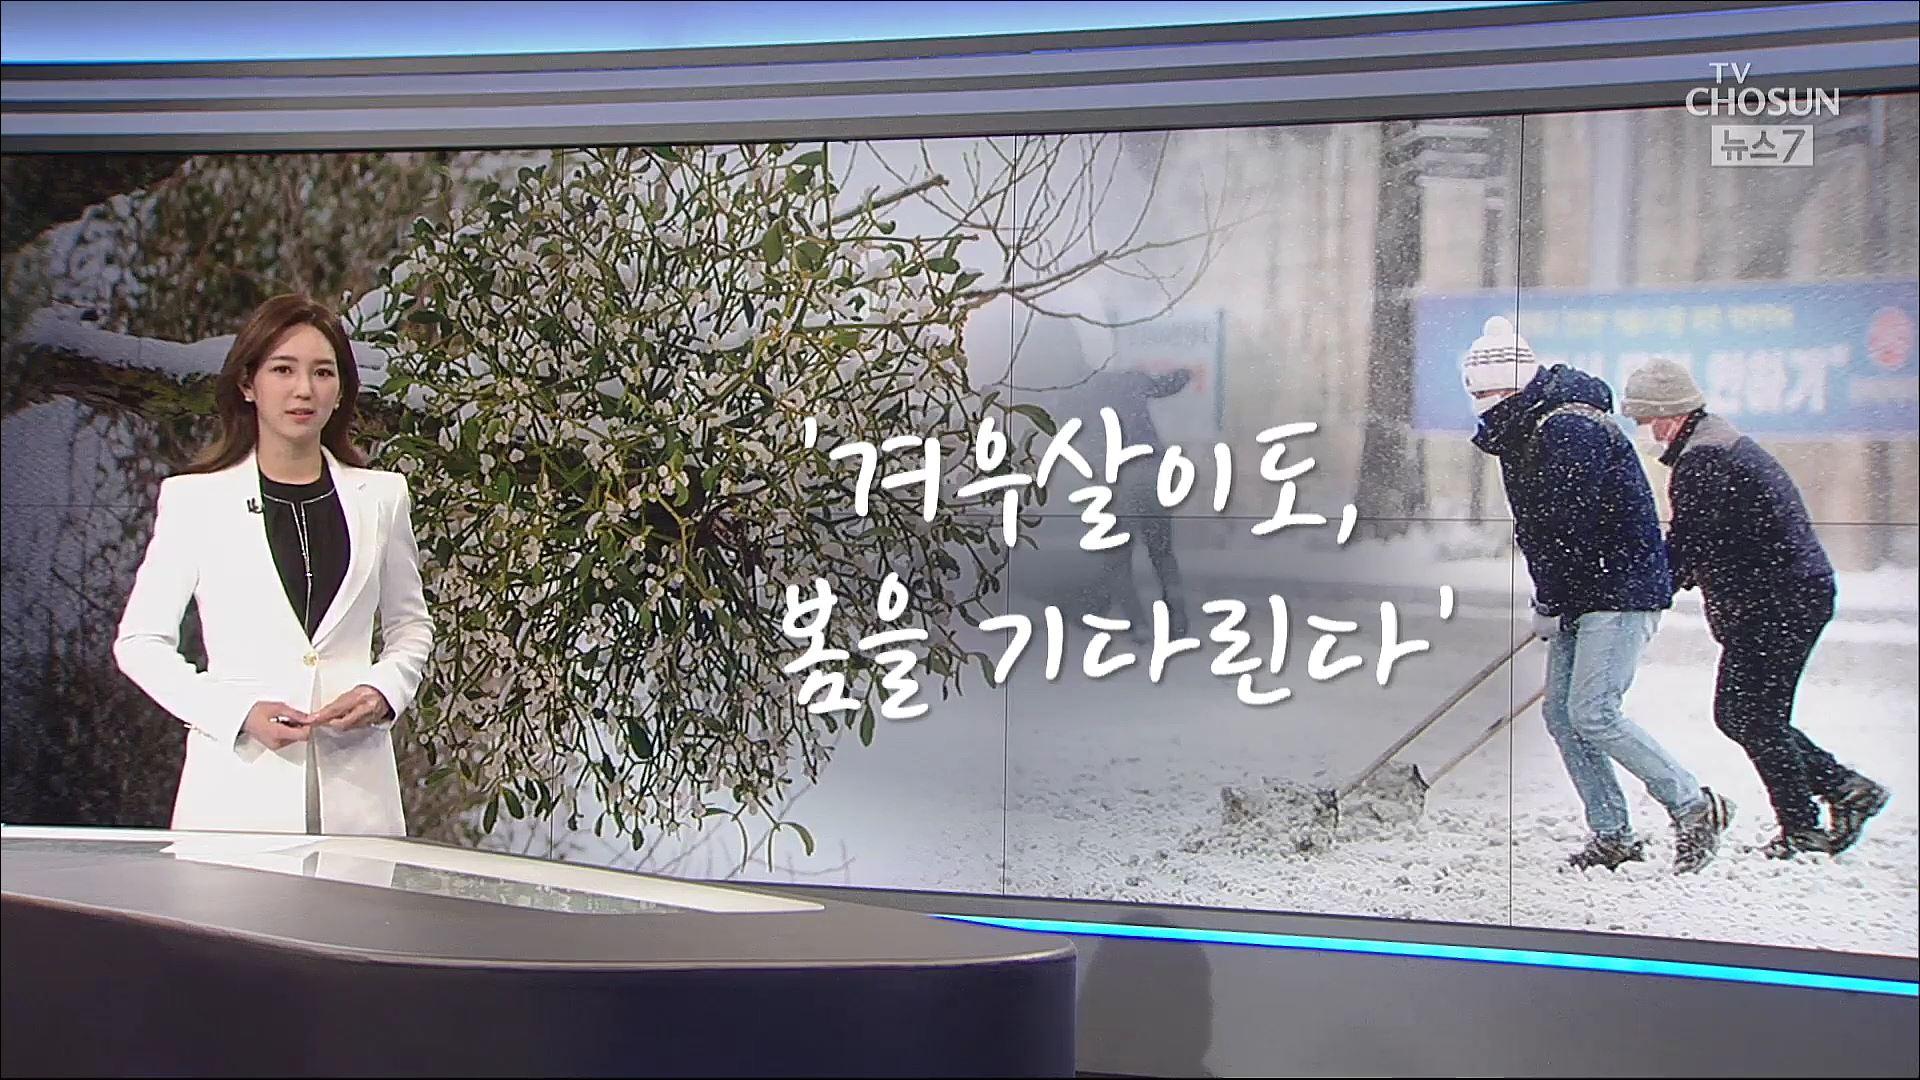 [오현주 앵커가 고른 한마디] 겨우살이도 봄을 기다린다